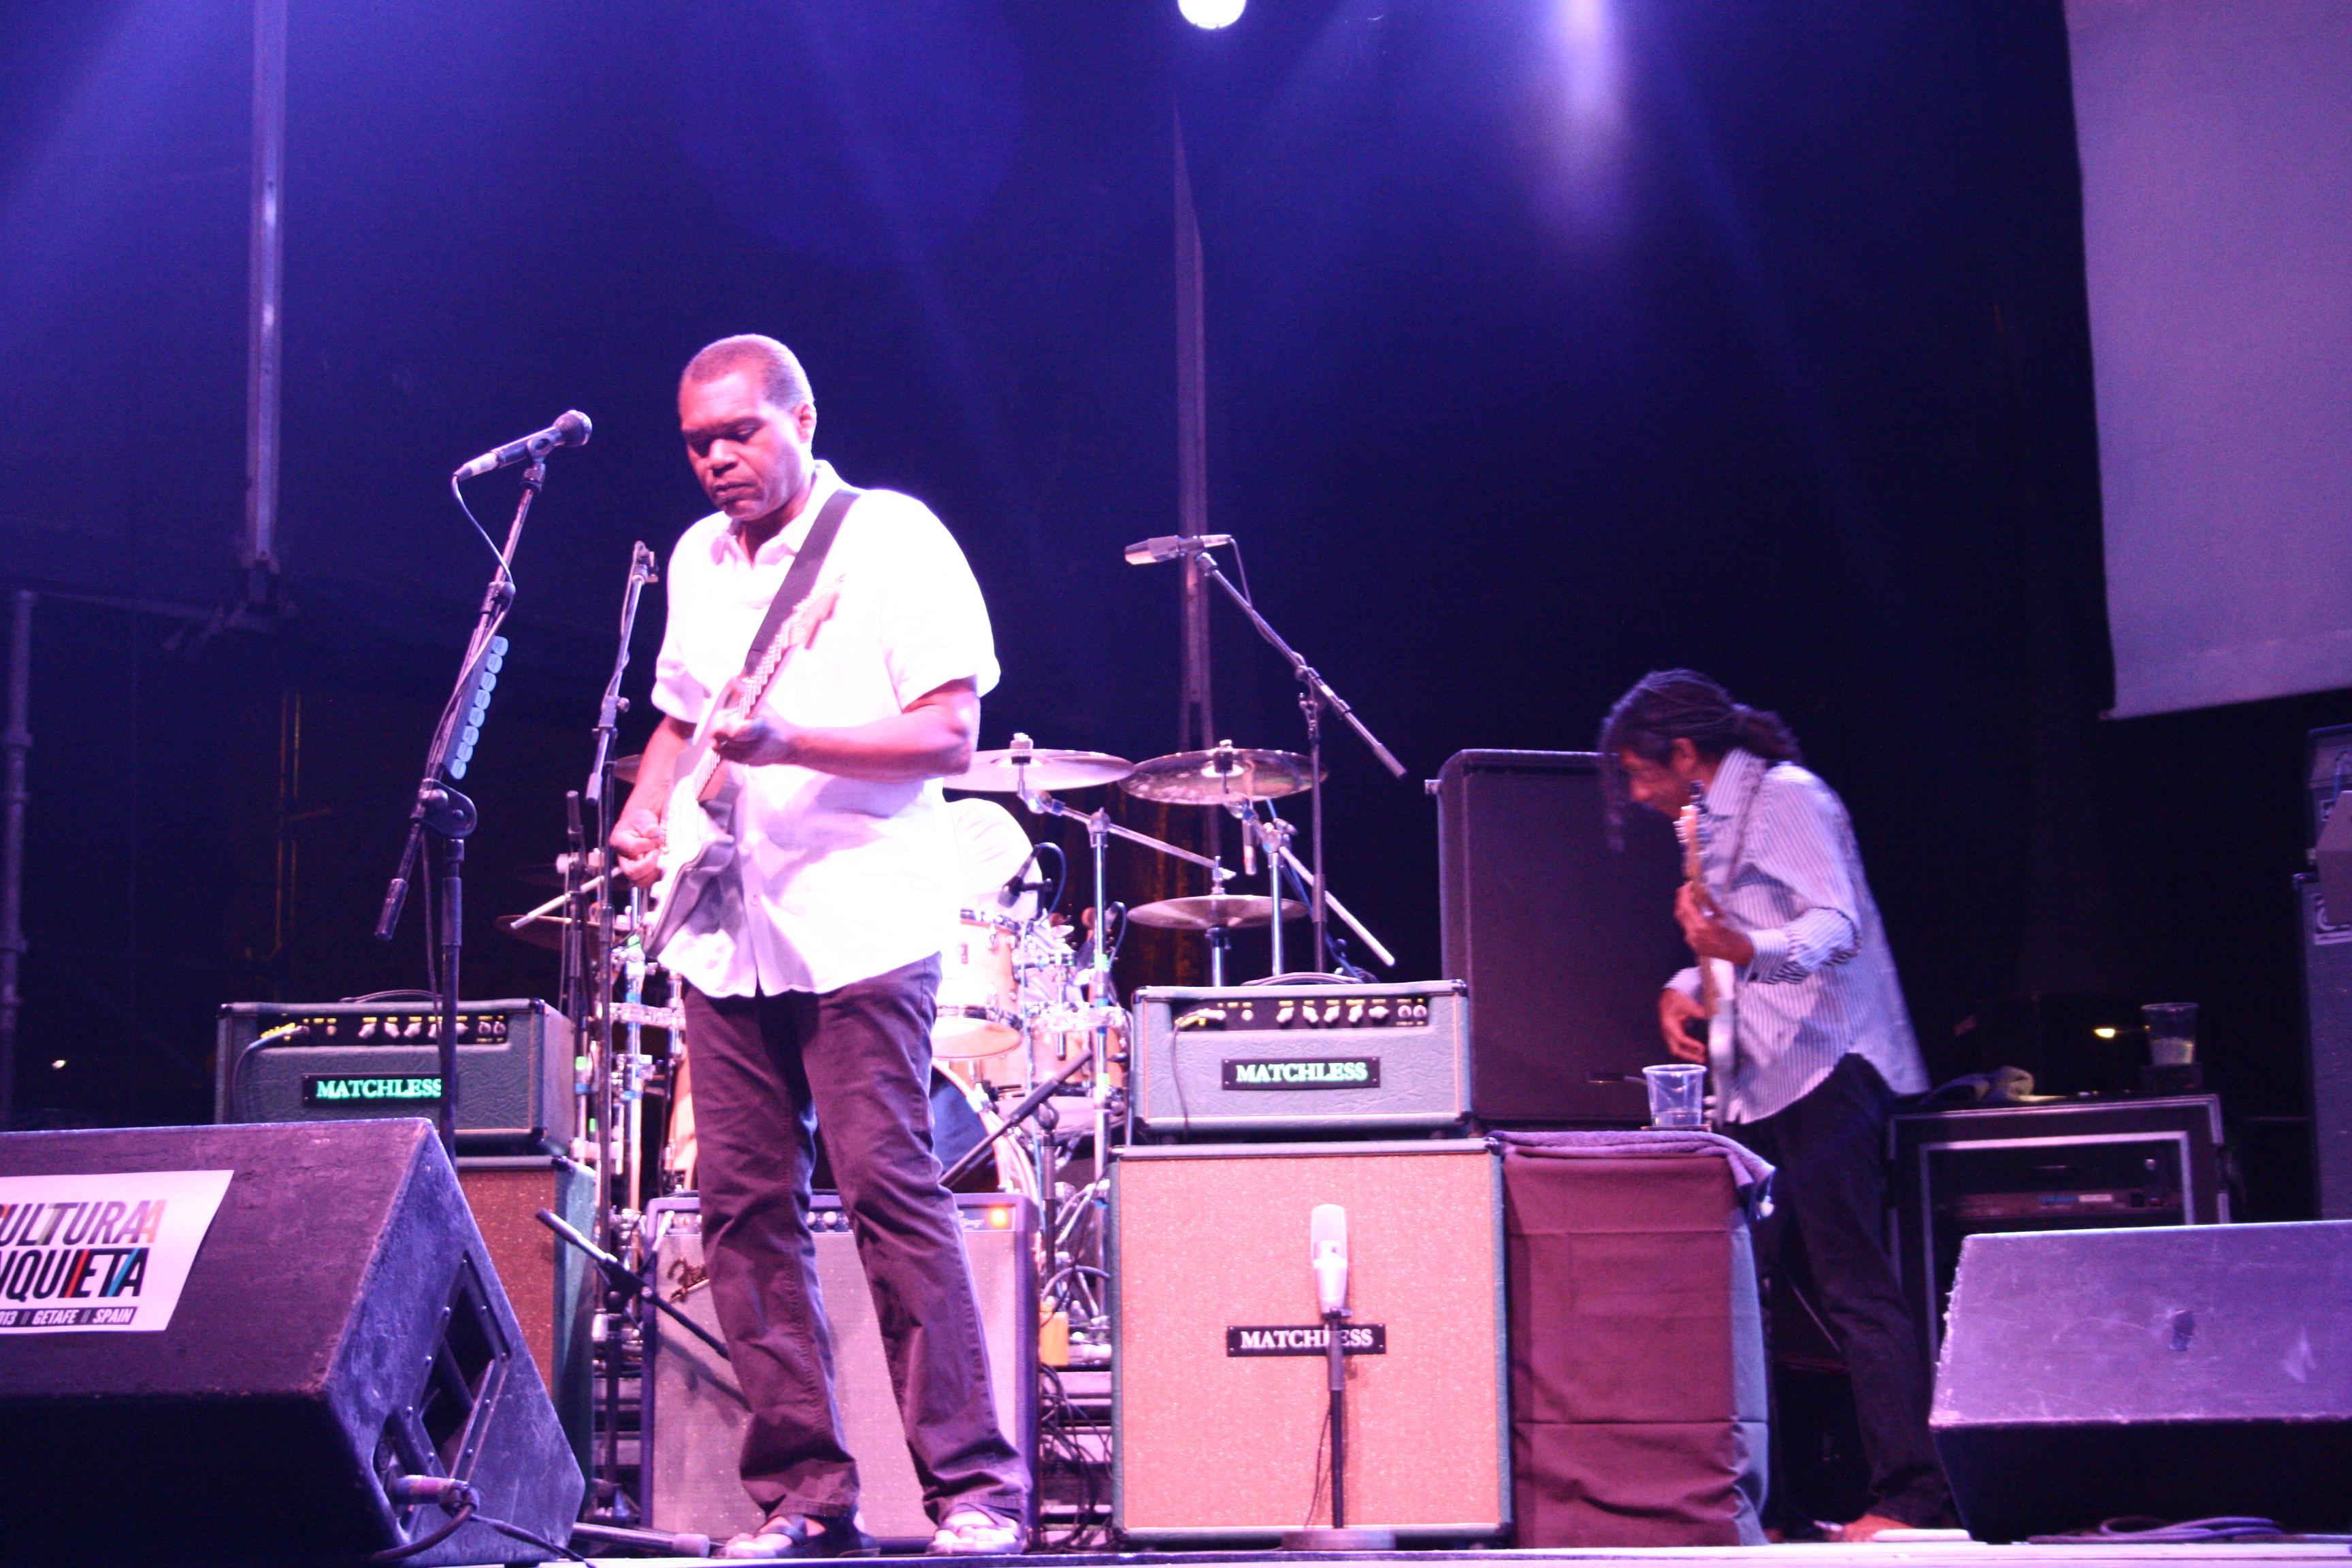 La noche del 10 de Julio en el Festival Cultura Inquieta de Getafe fue calurosa, muy calurosa. El gran Robert Cray lanzaba notas ardientes desde su guitarra Fender y el […]